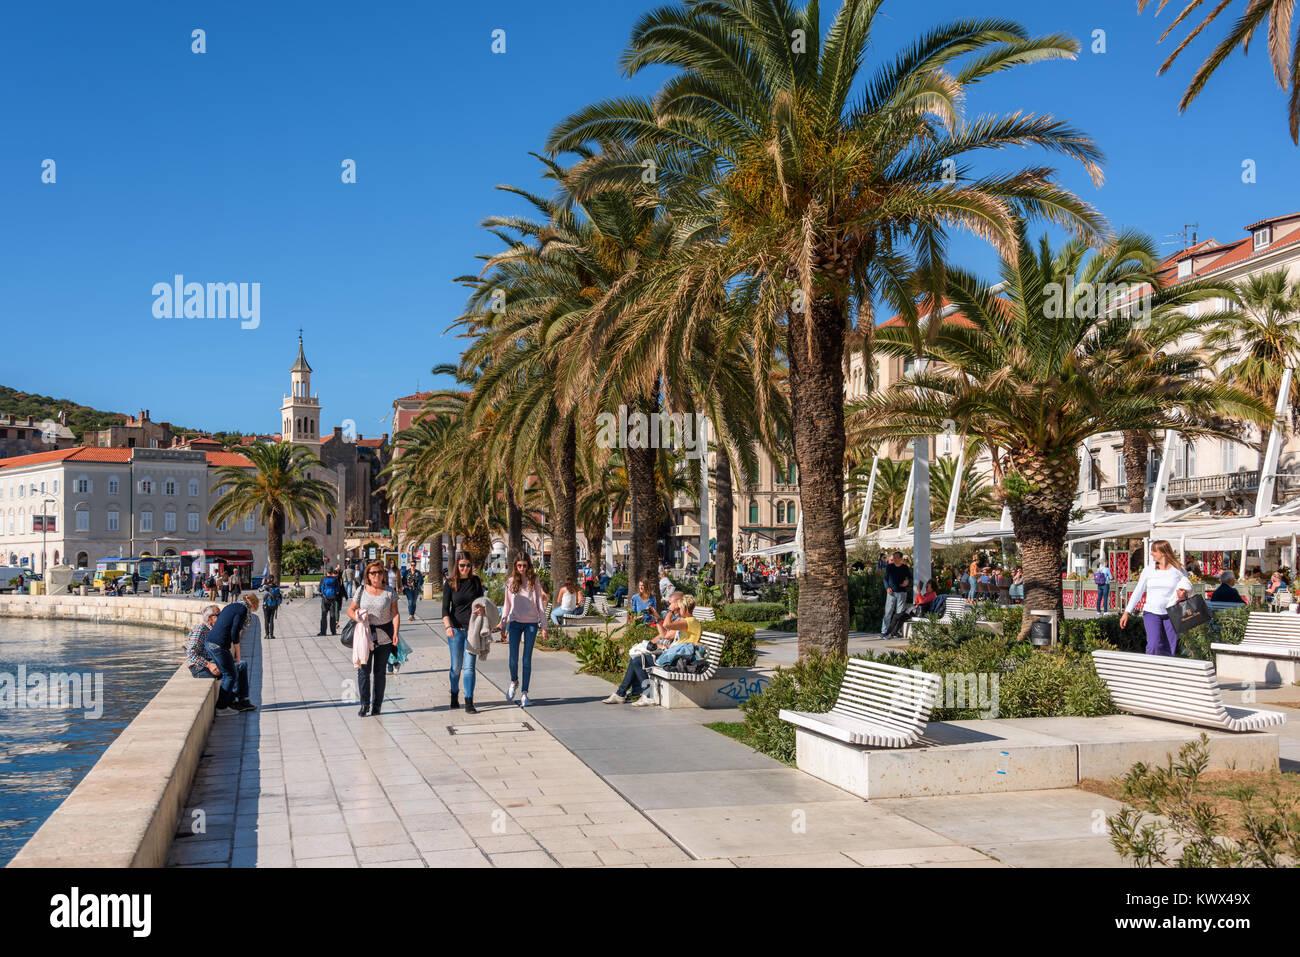 Touristen und Einheimische genießen Promenade Riva, Split, Kroatien Stockbild